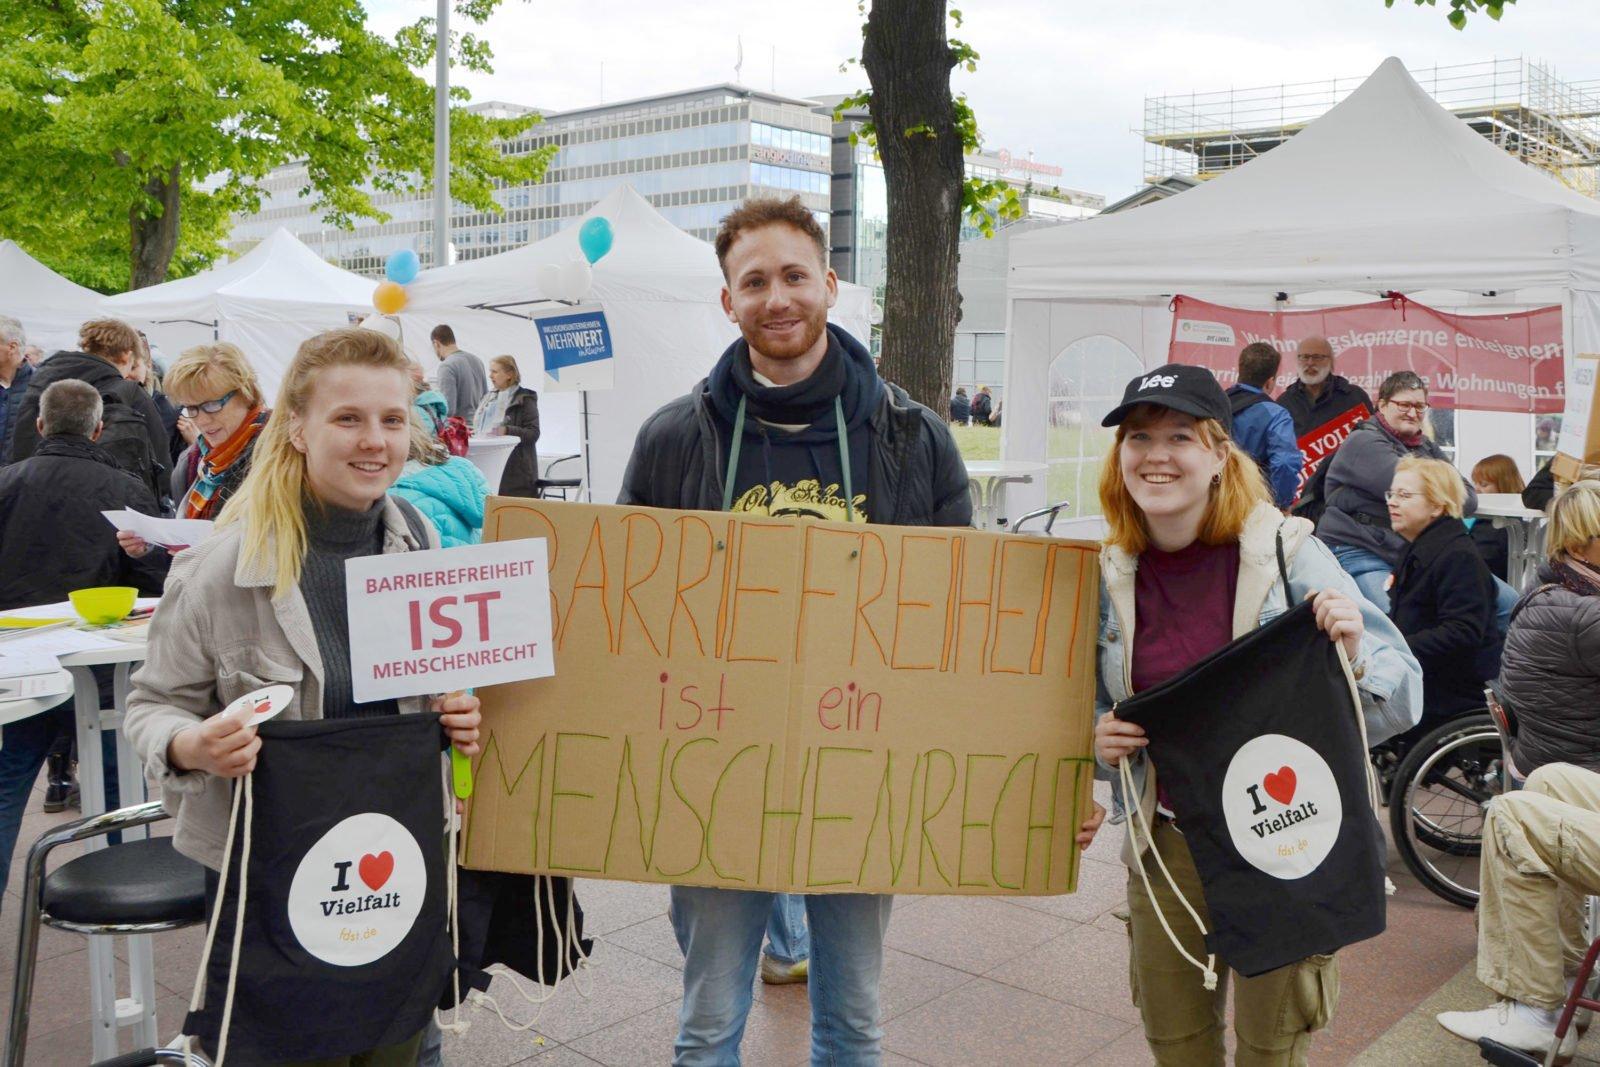 """Drei junge Menschen auf dem Protesttag, in der Mitte ein junger Mann mit einem Schild auf dem """"Barrierefreiheit ist ein Menschenrecht"""" steht, links und rechts neben ihm jeweils eine junge Dame, beide halten Beutel mit der Aufschrift I llove Vielfalt nach oben, die linke Frau außerdem ein kleineres Schild mit der Aufschrift """"Barrierefreiheit ist Menschenrecht"""""""